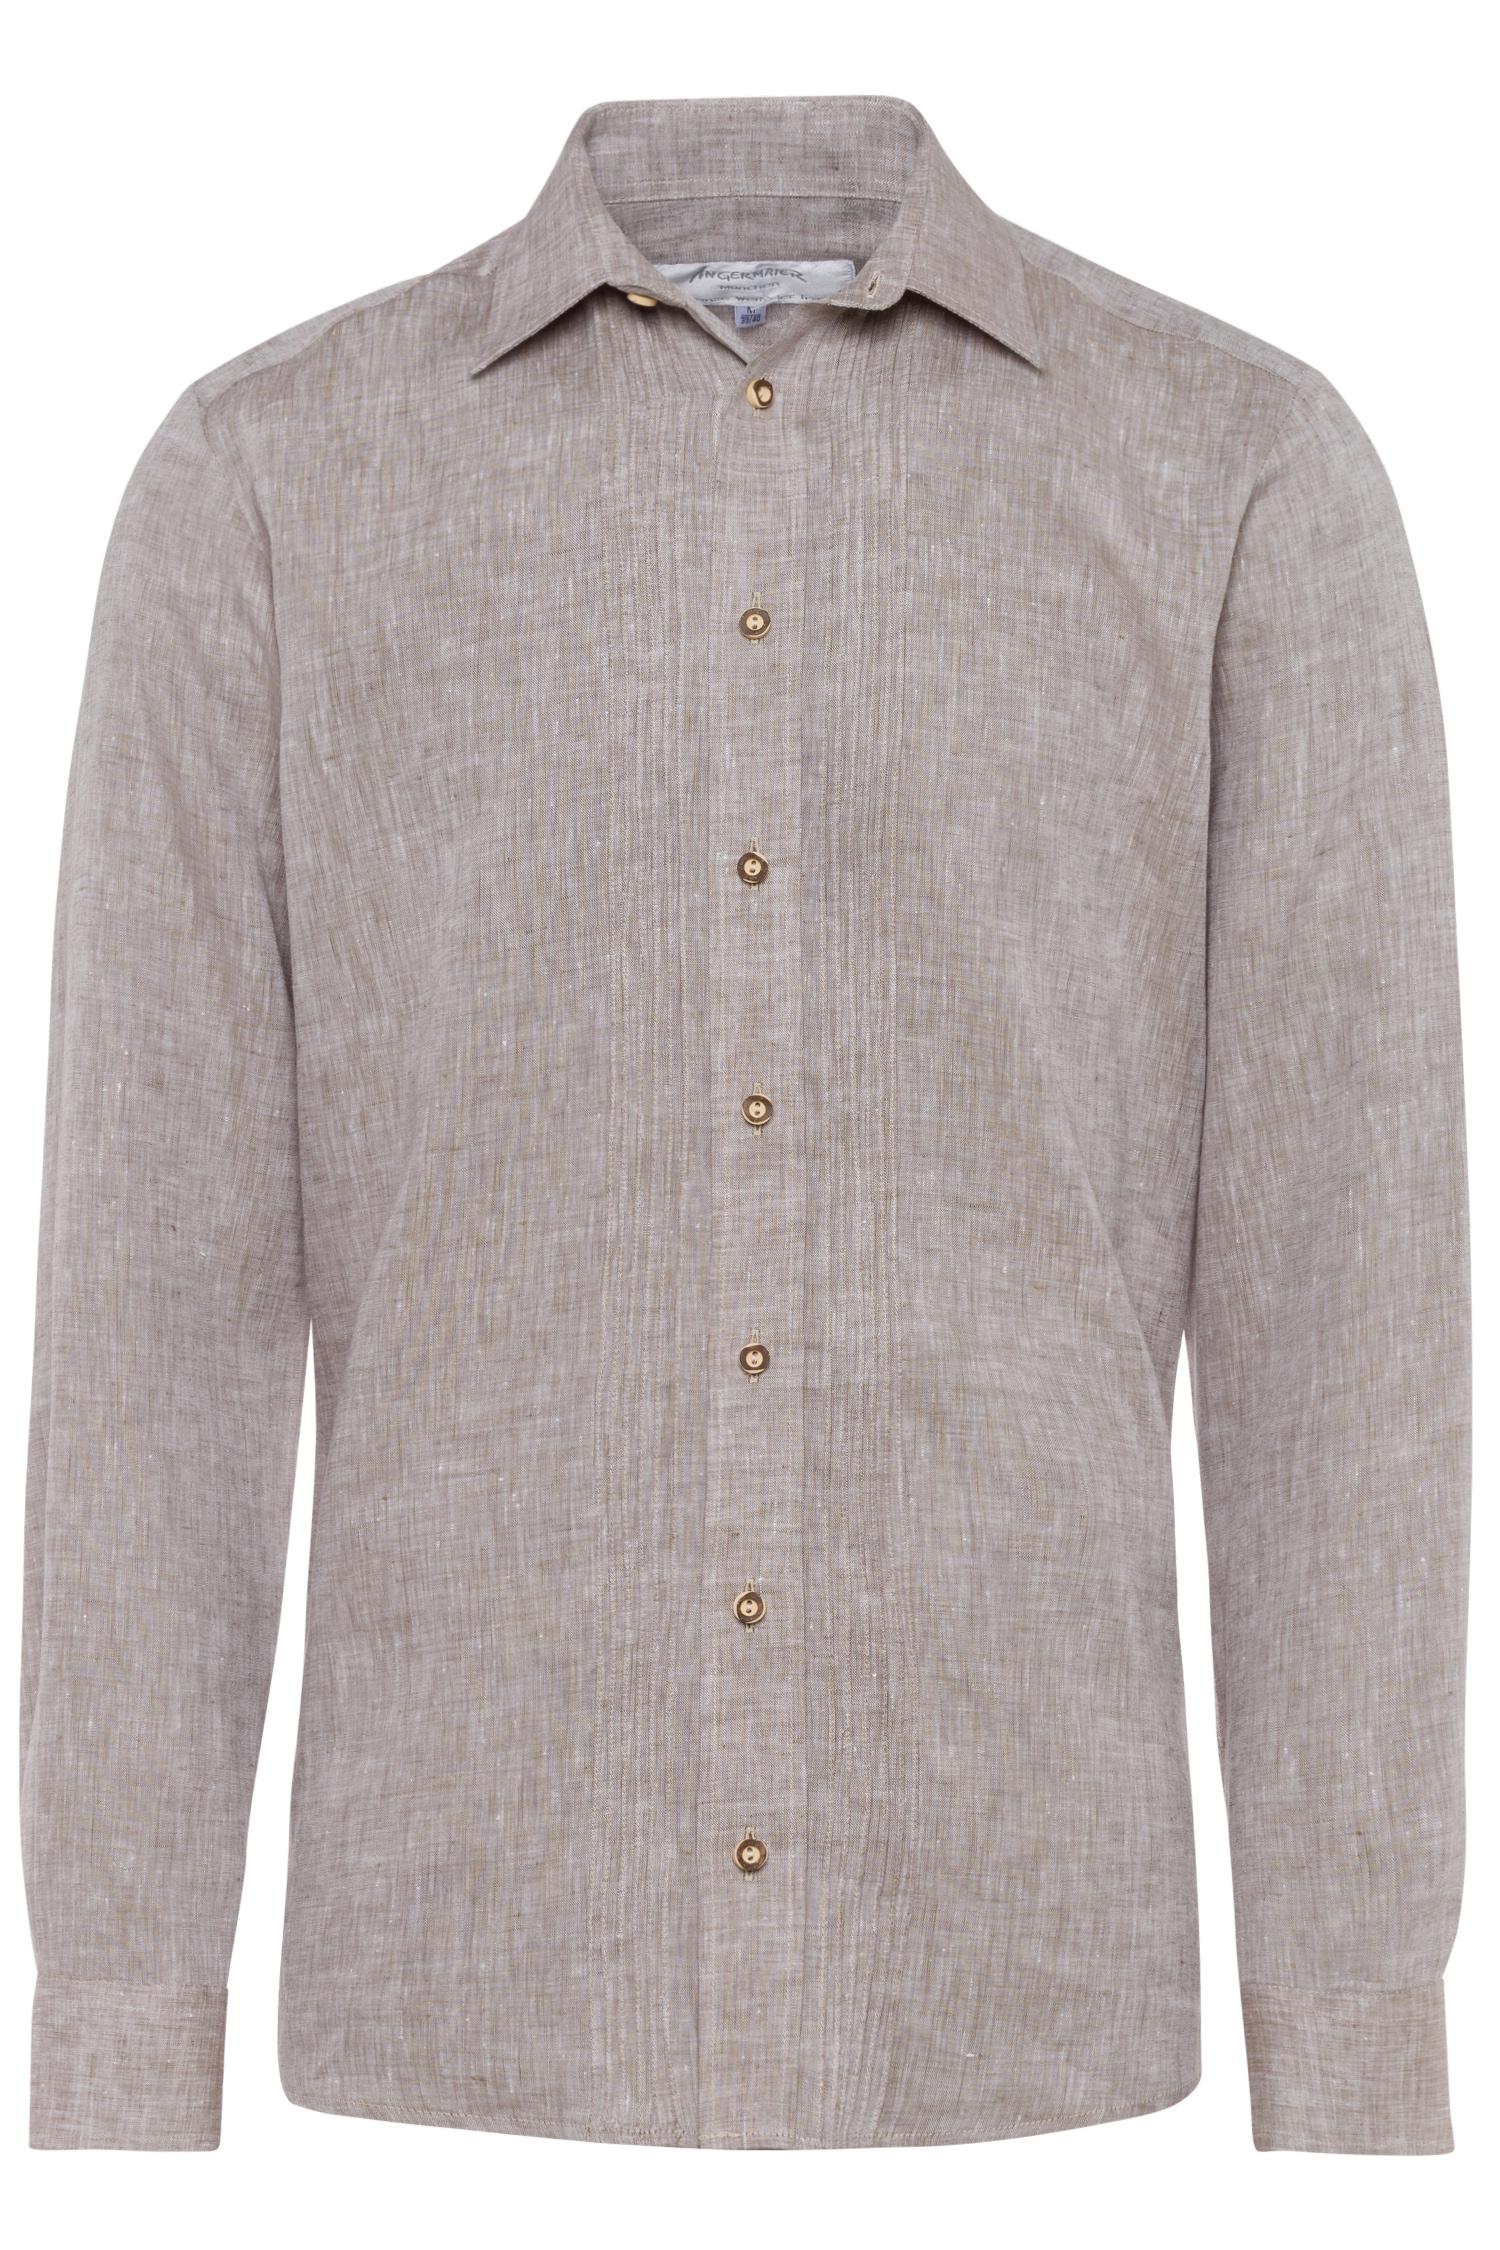 Trachtenhemd Leinen S | braun 4031